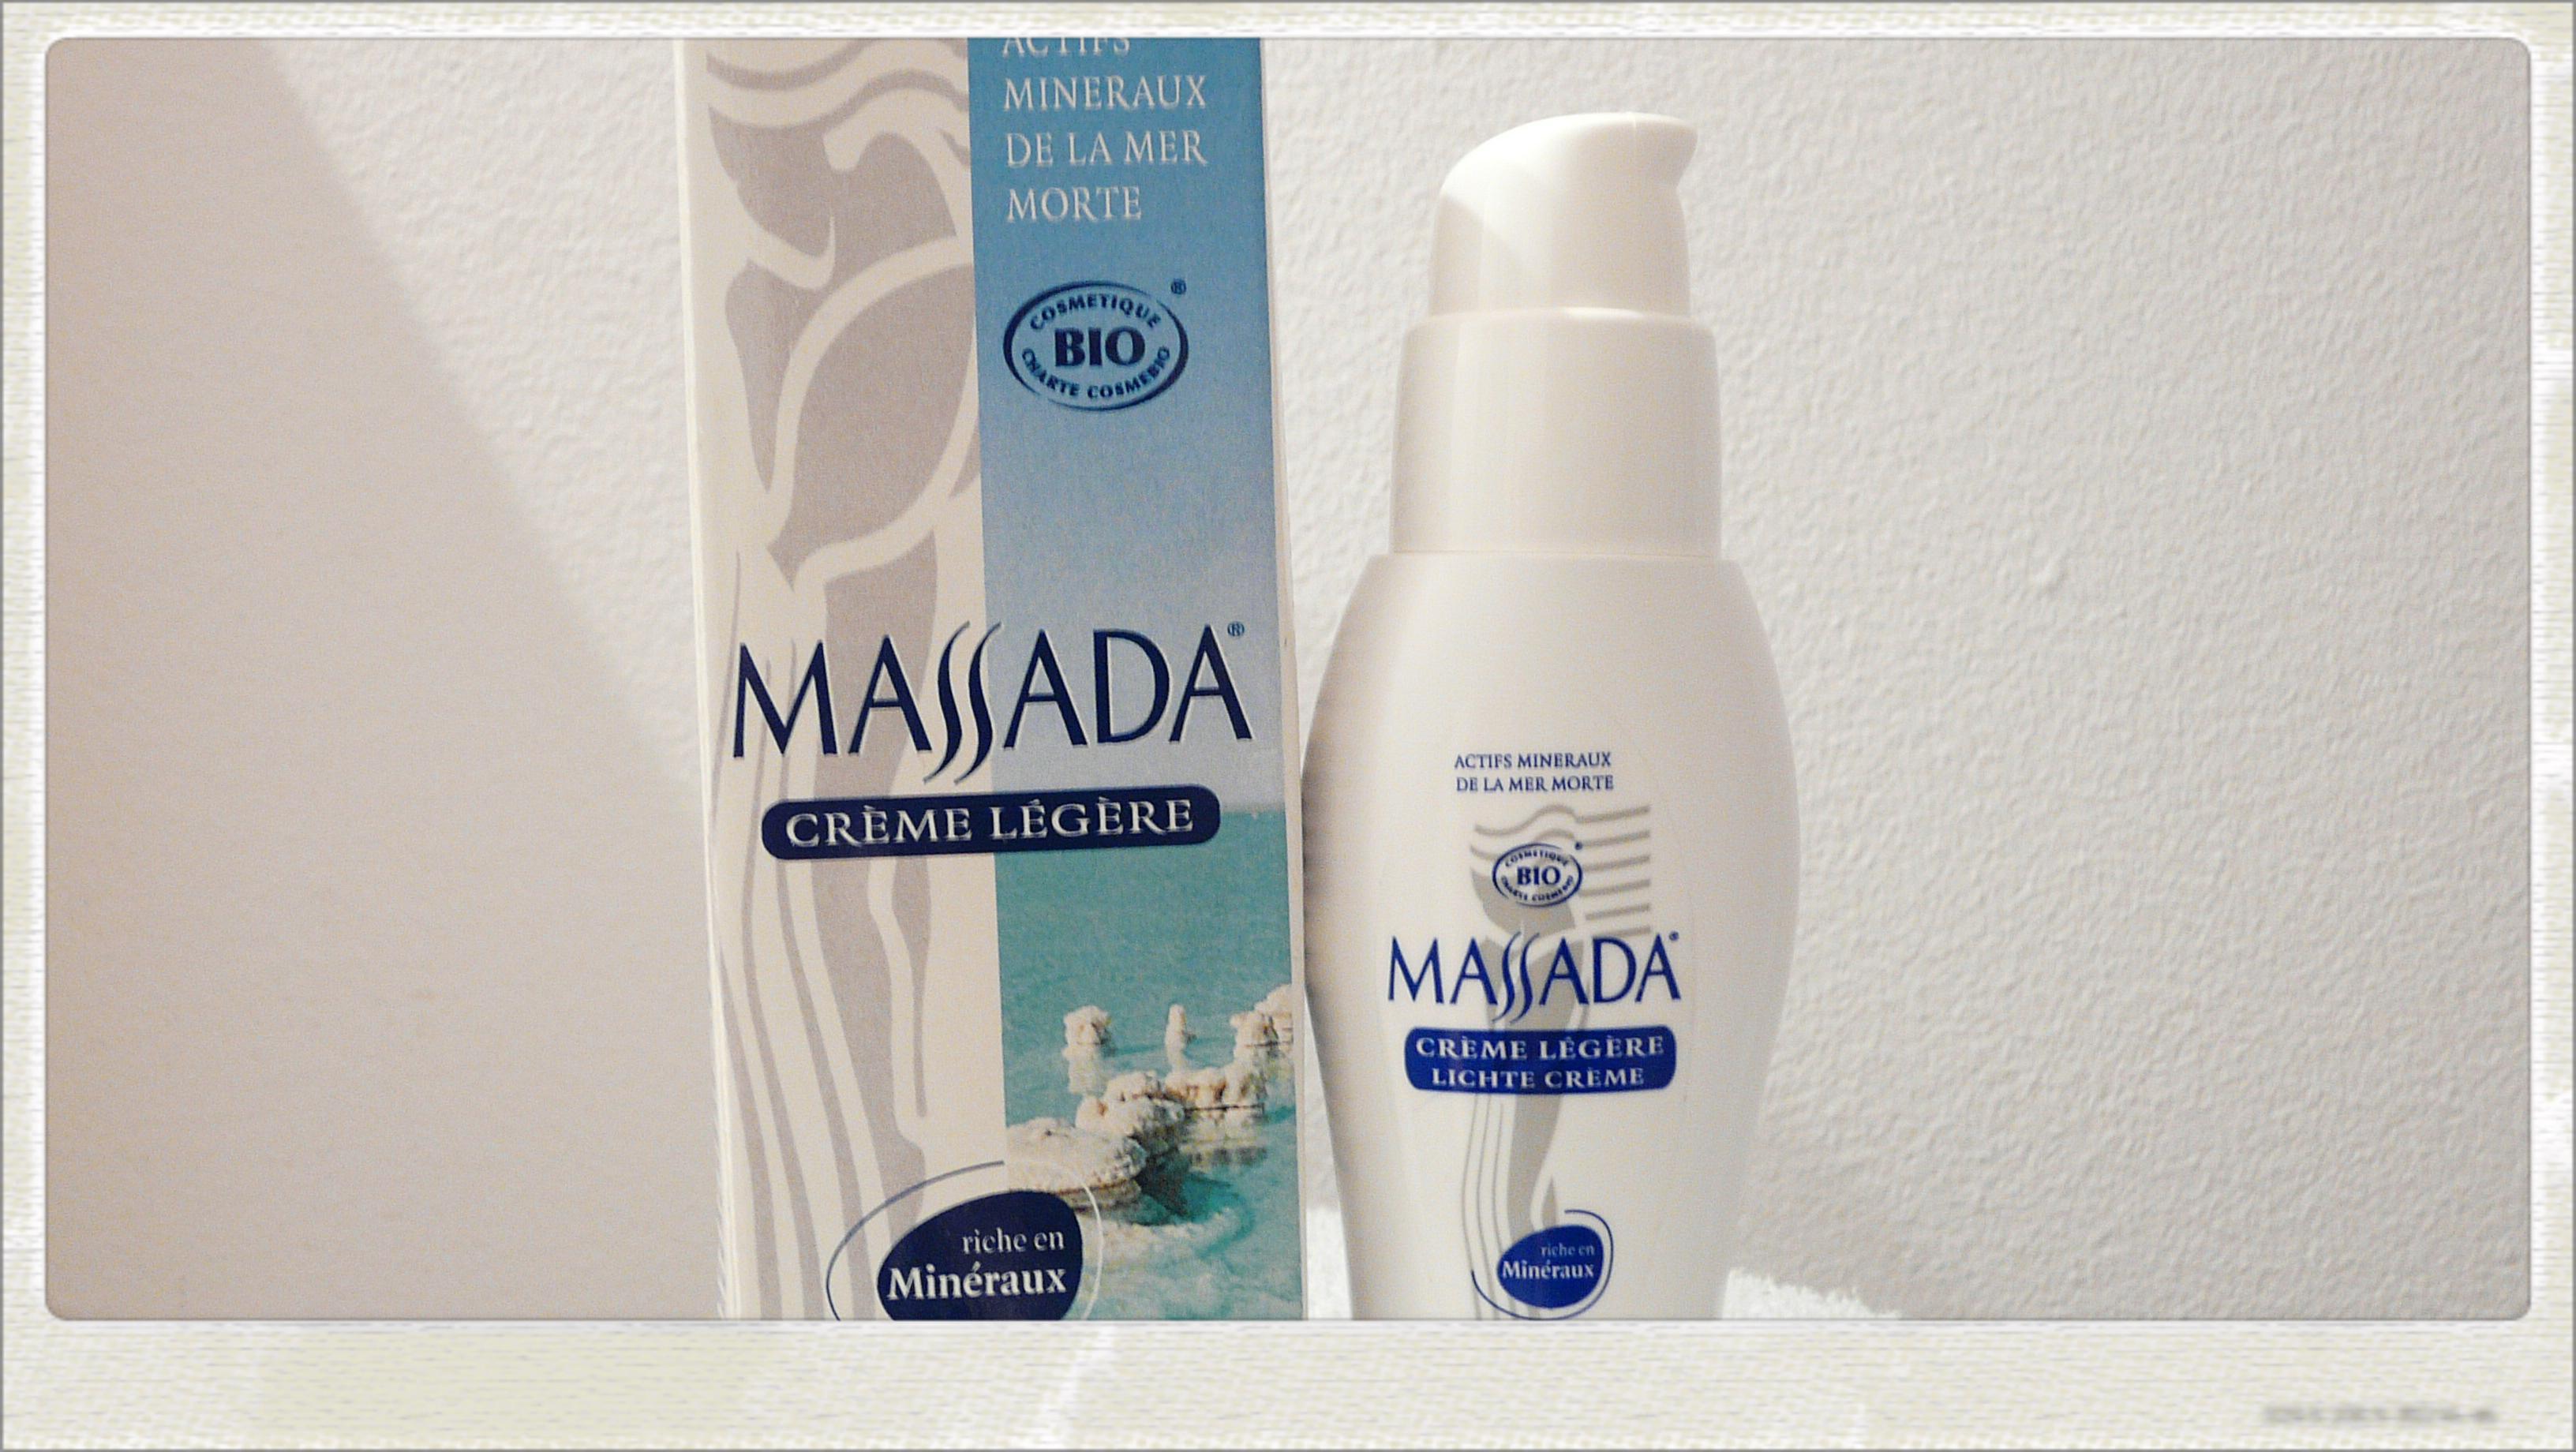 Massada1